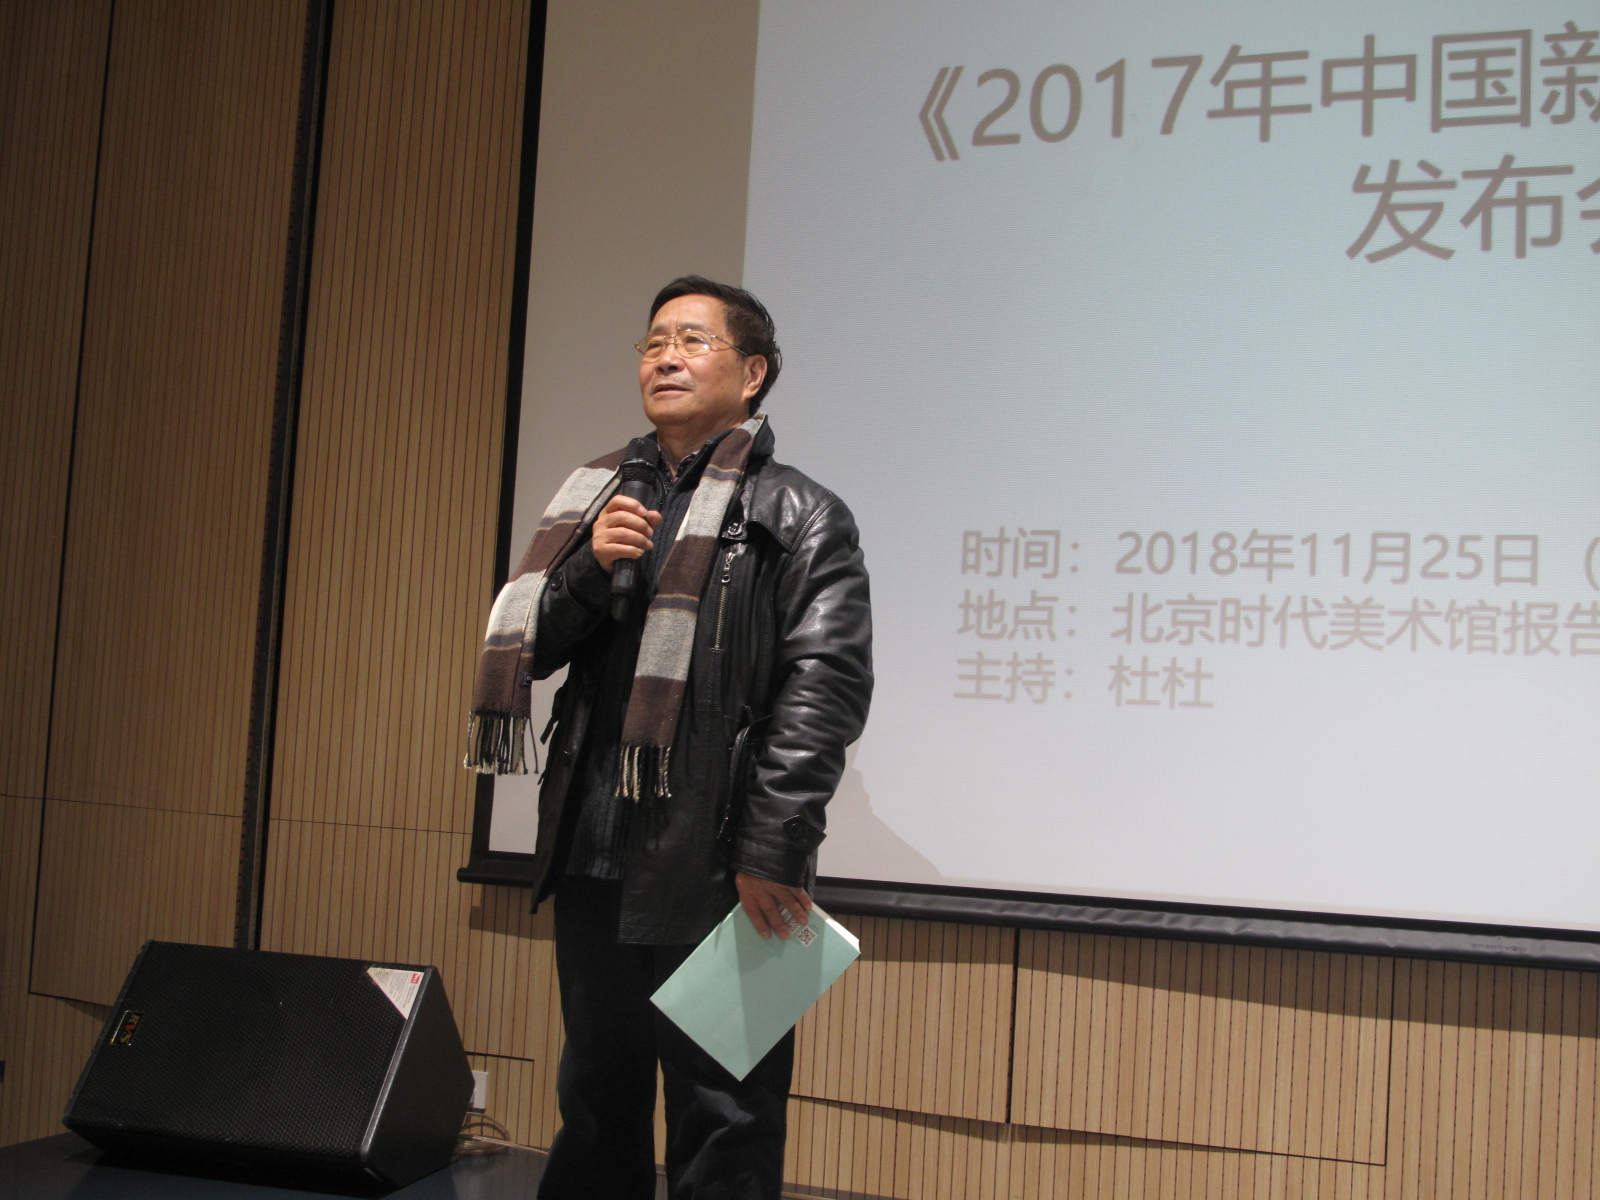 4、中国诗歌学会副会长曾凡华在发言.JPG